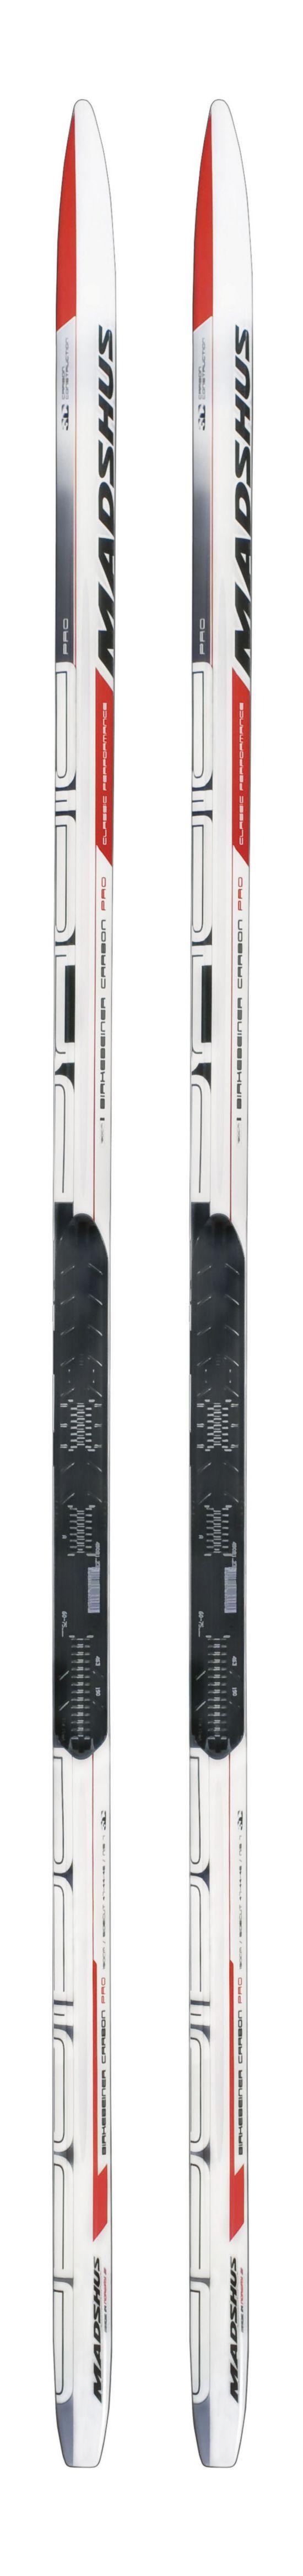 Birkebeiner Classic Carbon Pro Langrennski HVIT, SVART